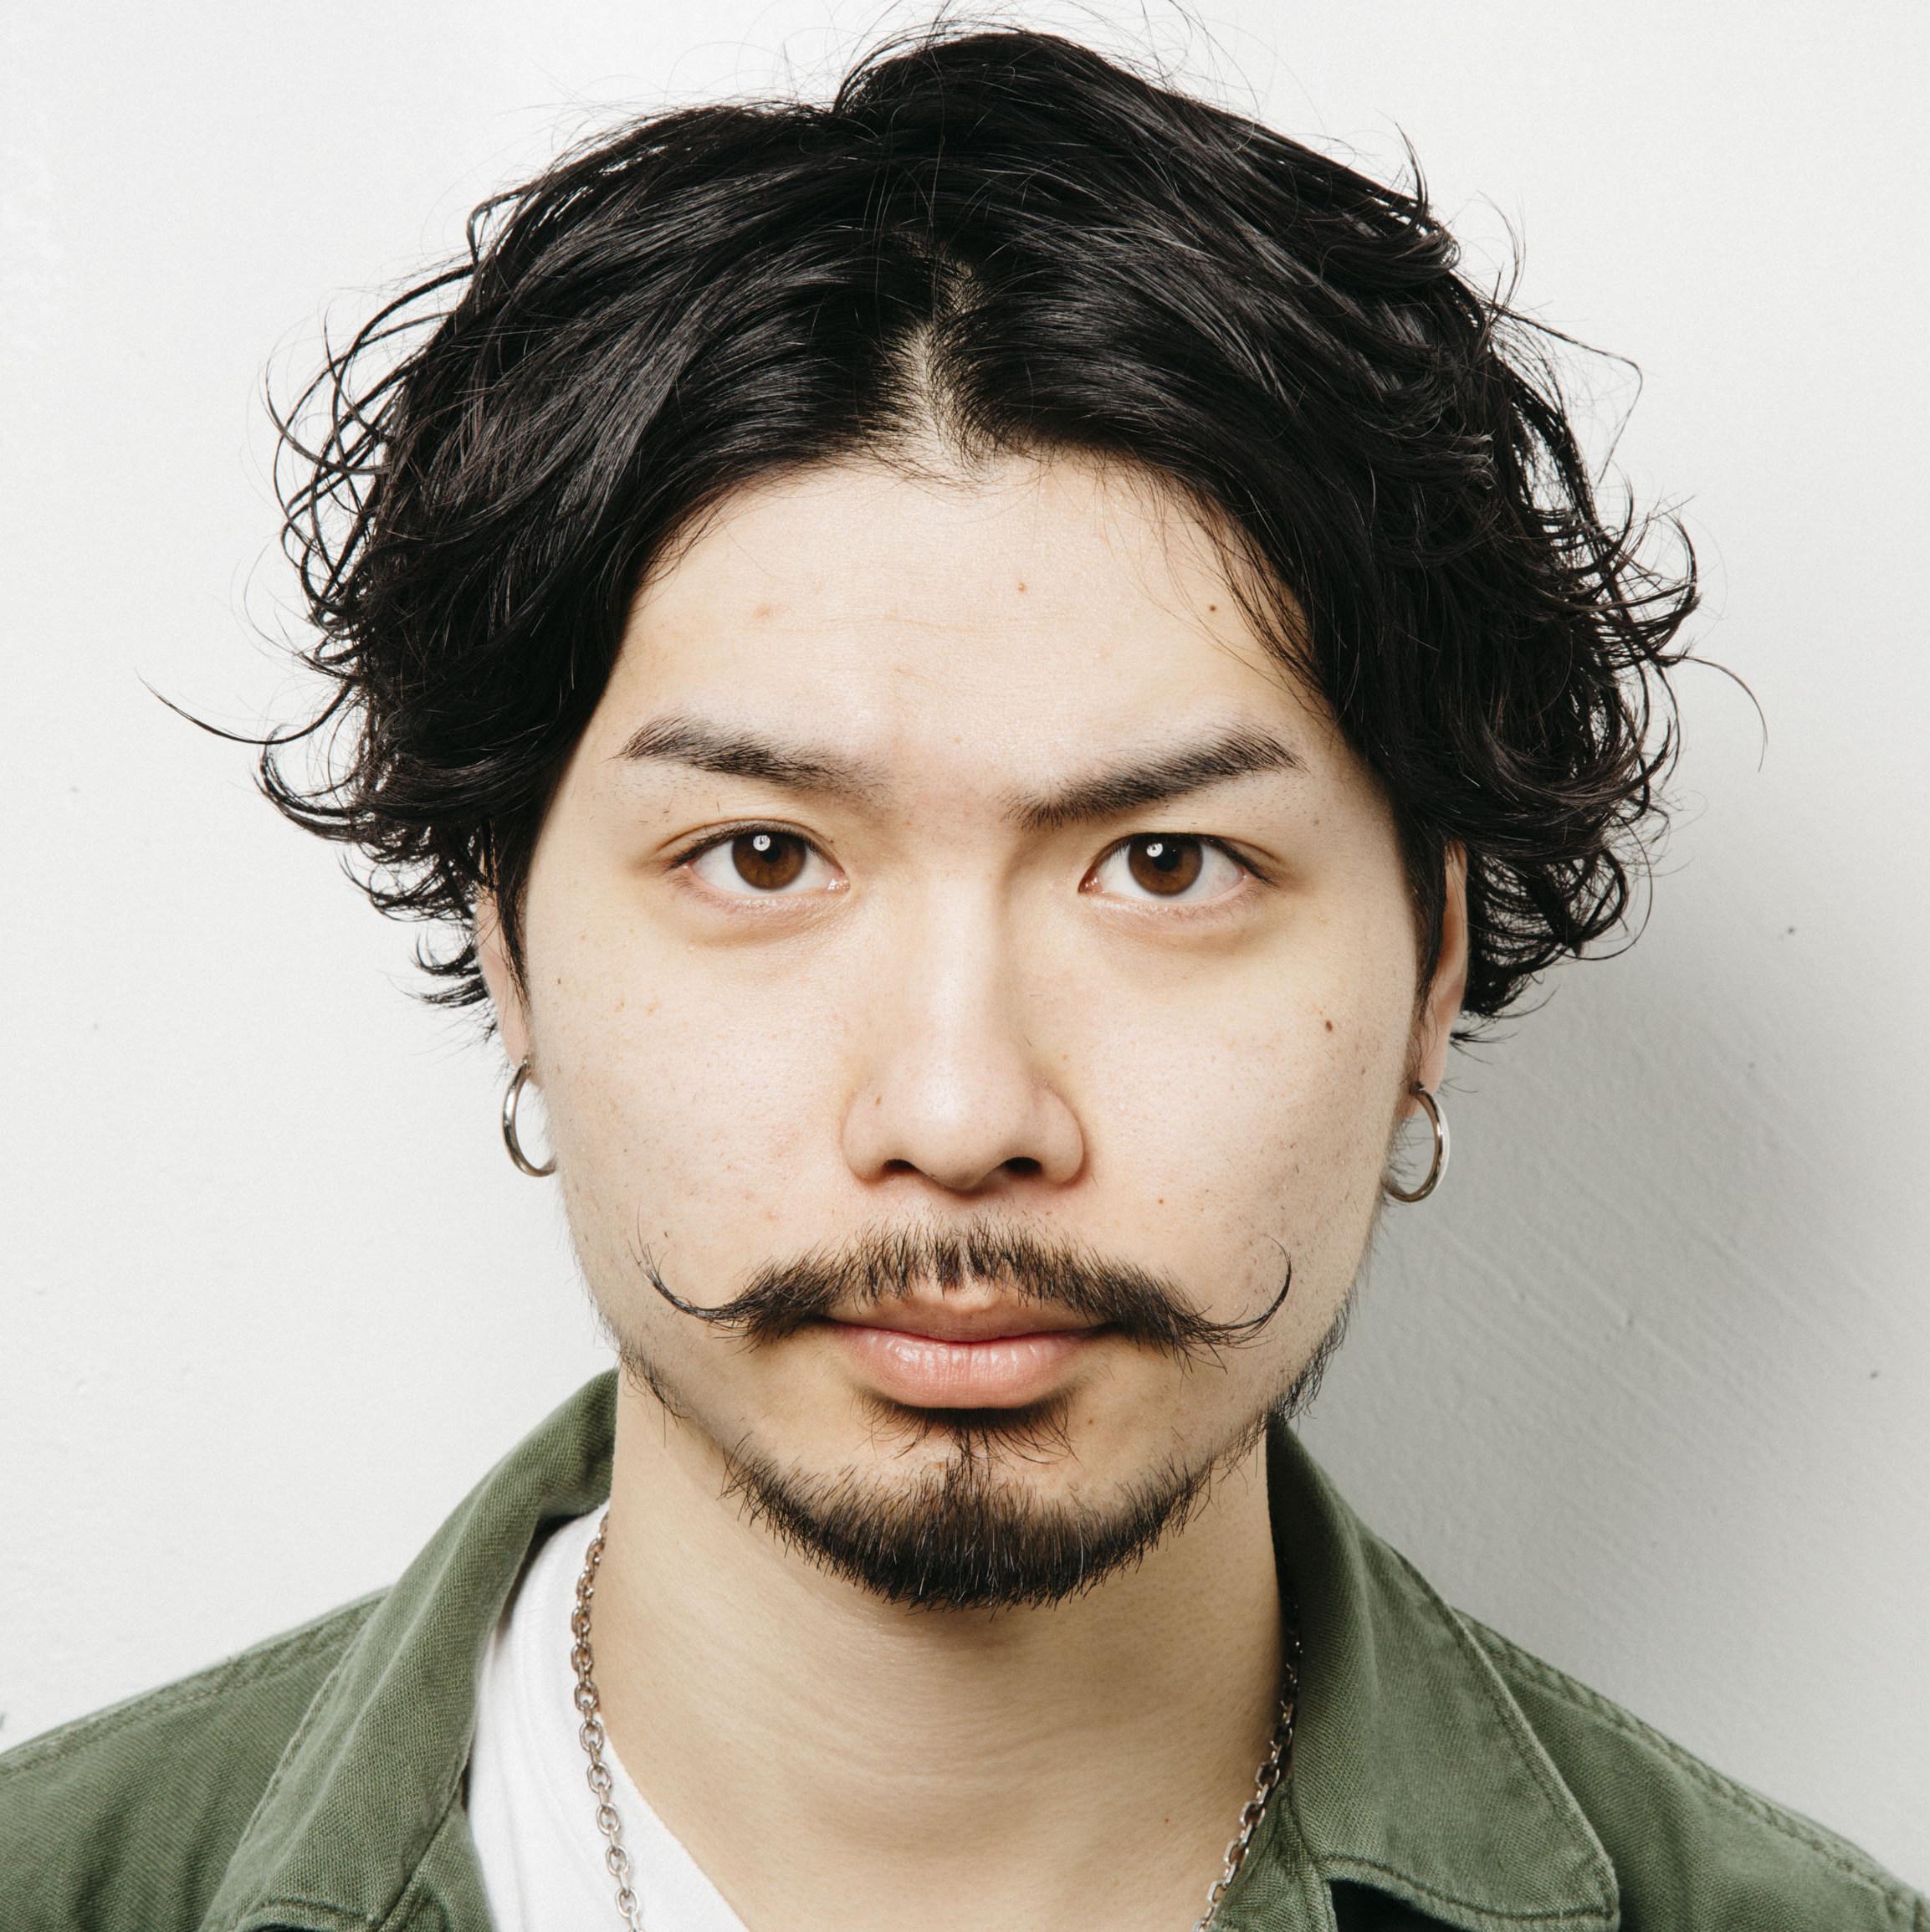 人気サロンOCEAN TOKYOが監修!<br />すぐできて劇的変化!「眉毛ケア」で生まれ変われ!